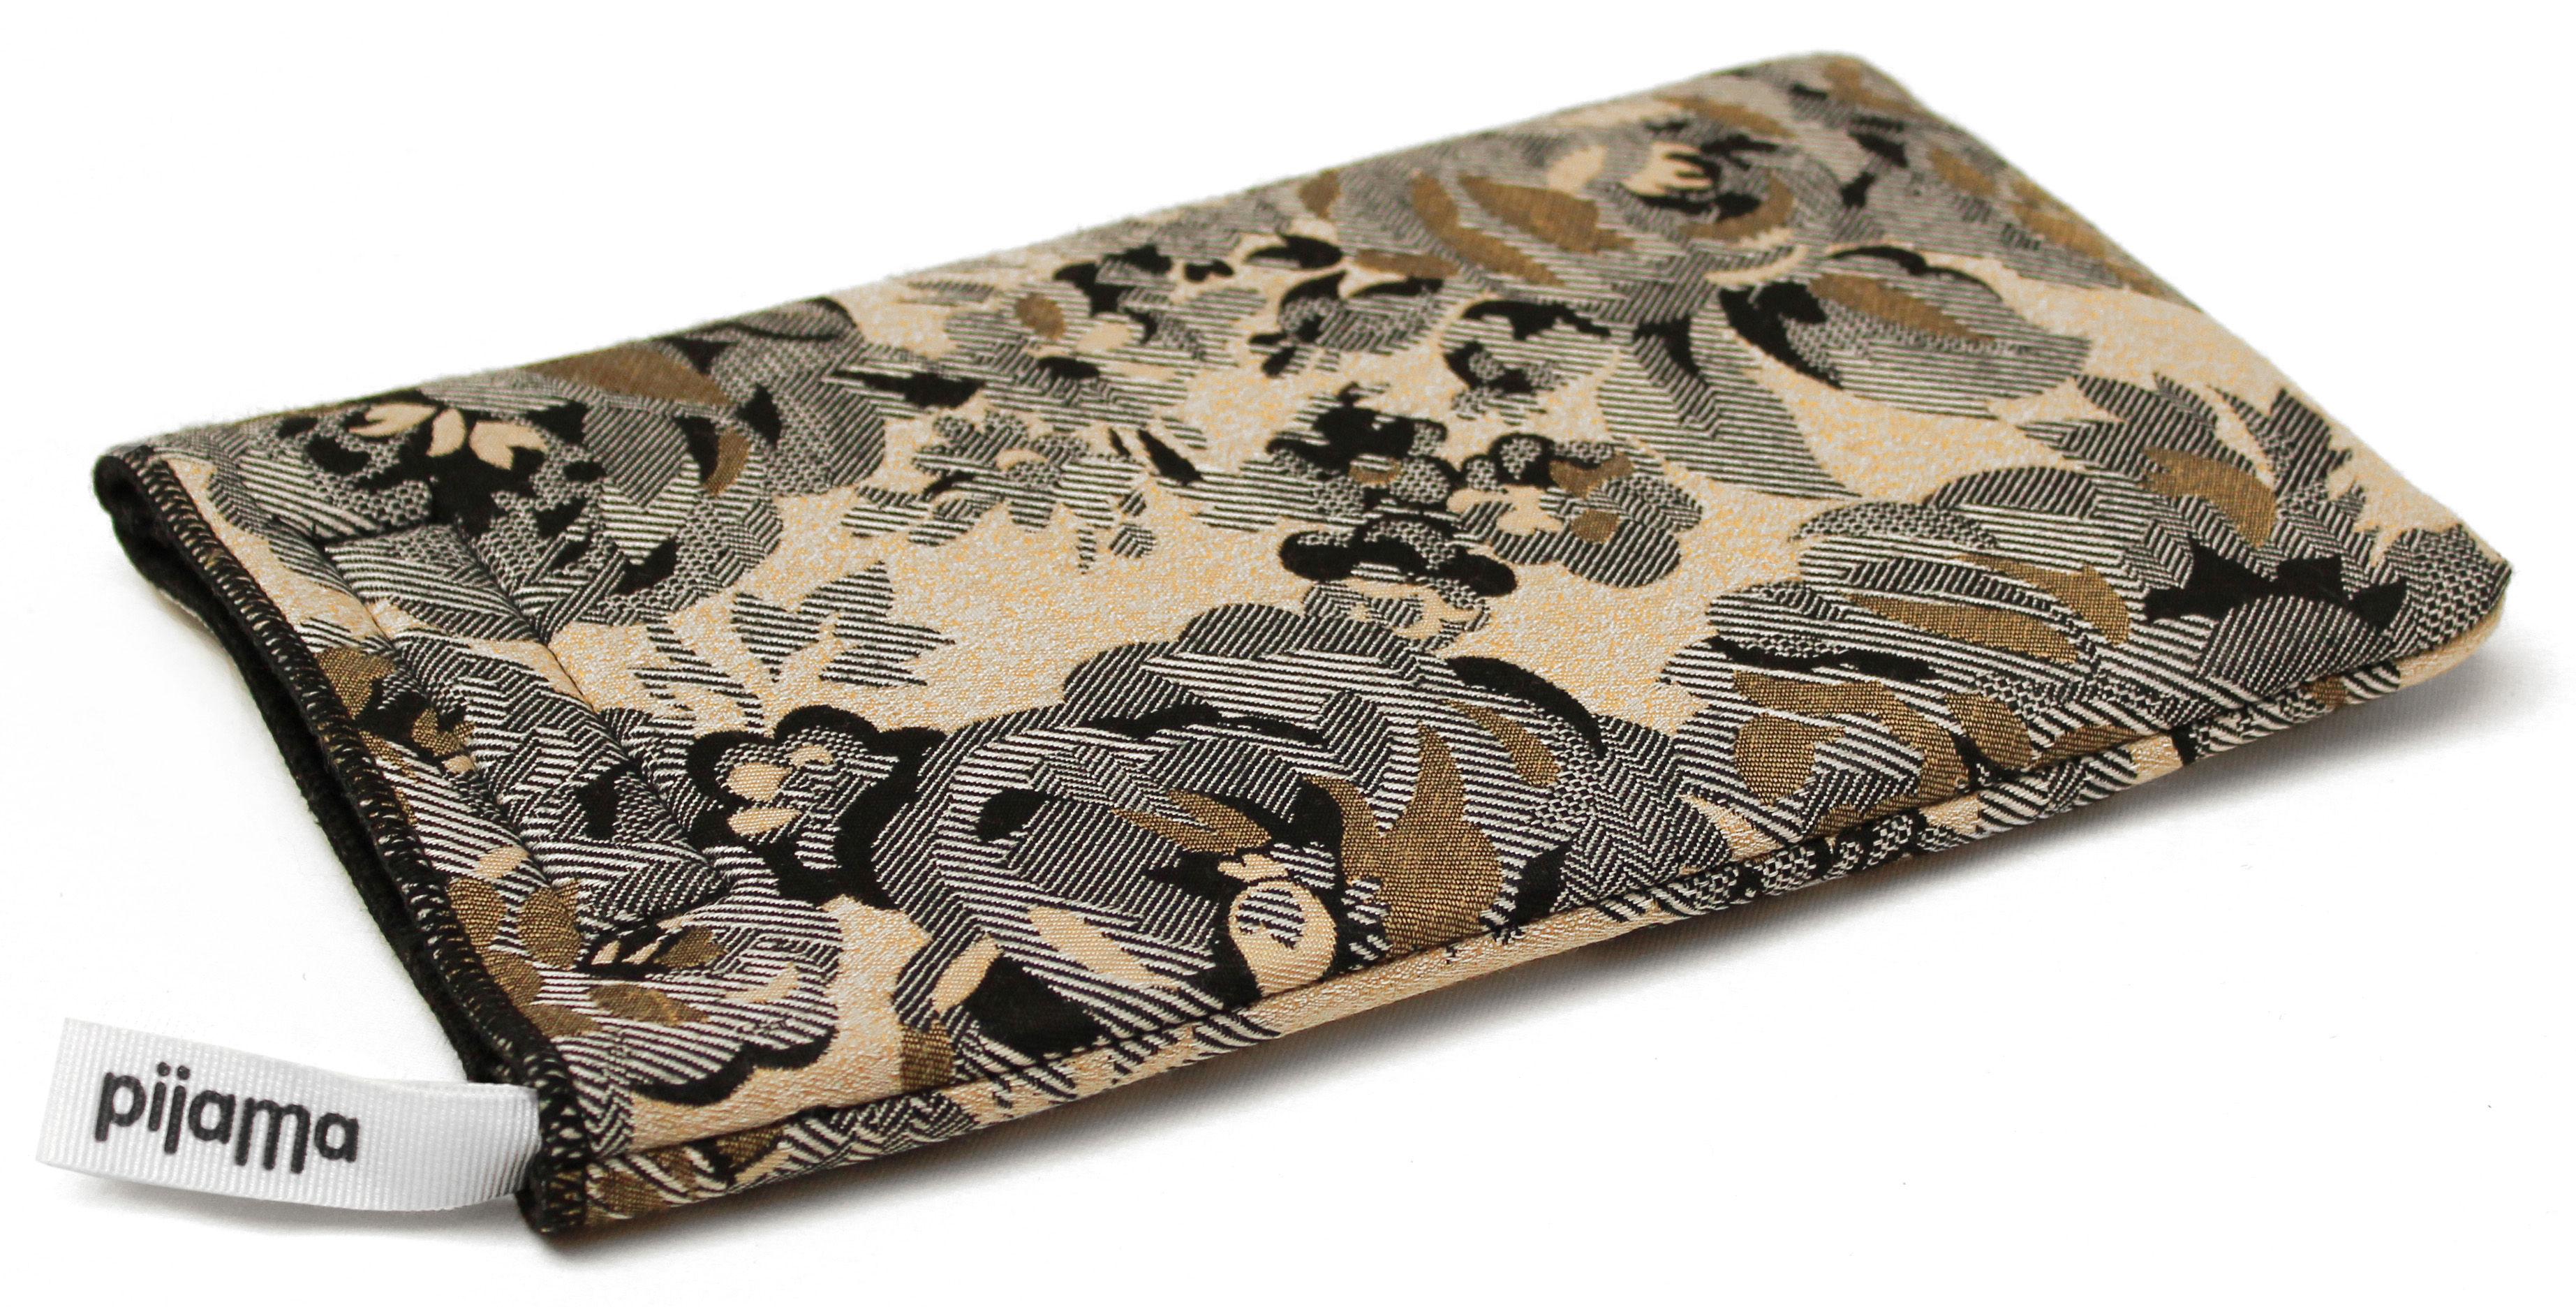 Accessoires - Sacs, trousses, porte-monnaie... - Housse pour tablette Flower / Pour iPad Mini - Pijama - Fleurs - Tissu Jacquard